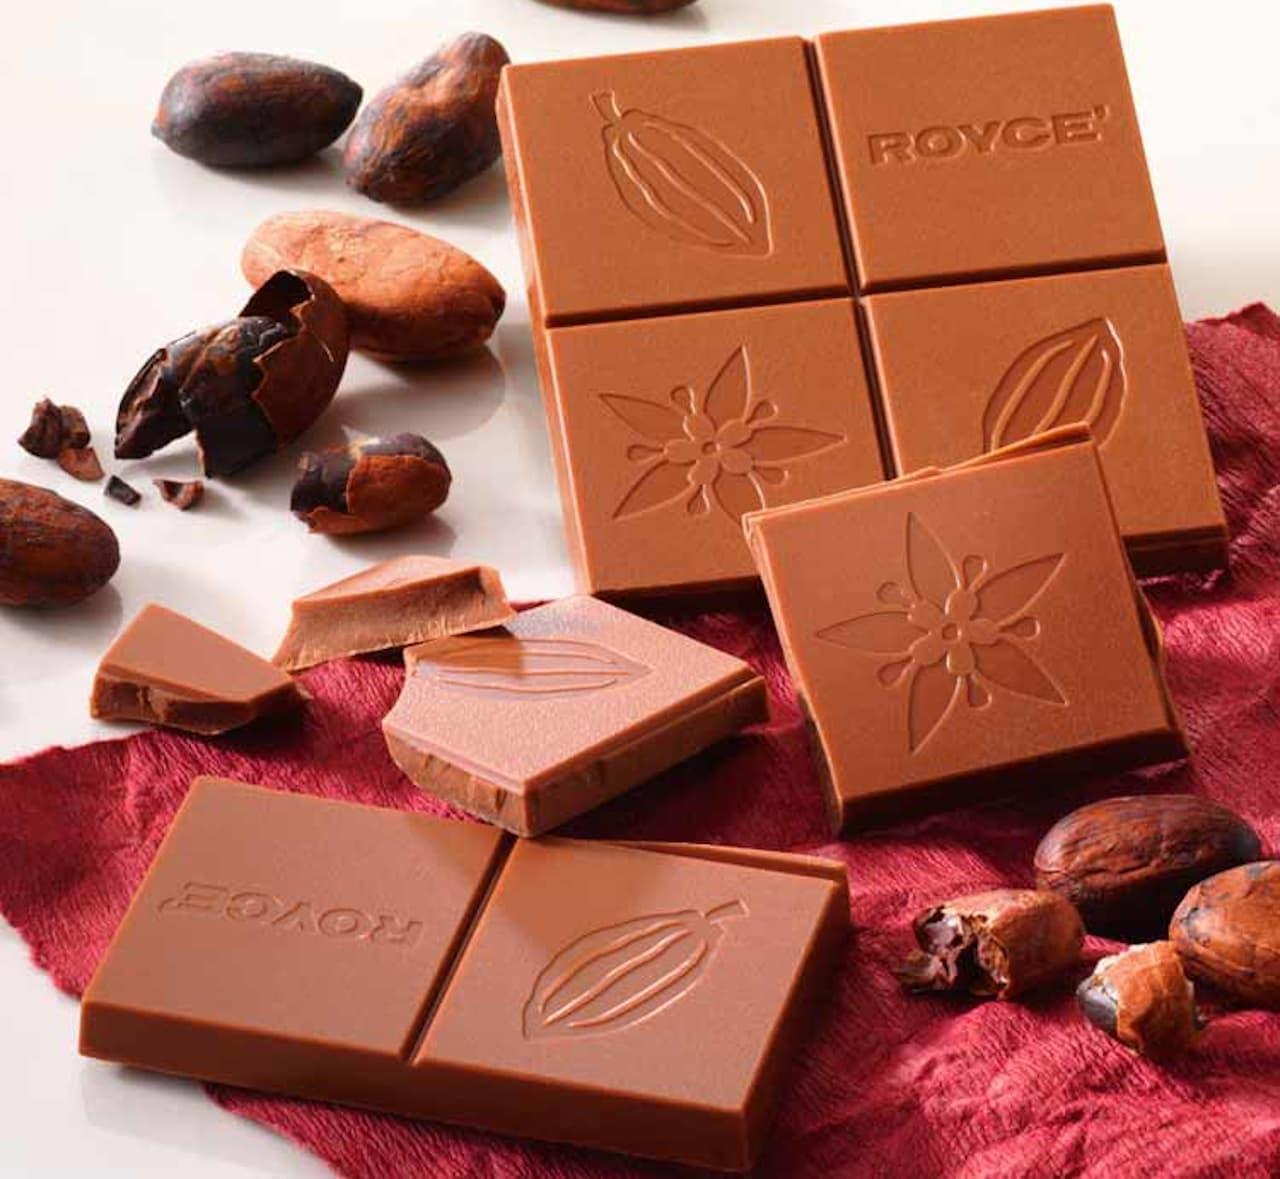 ロイズのバレンタイン限定チョコレート